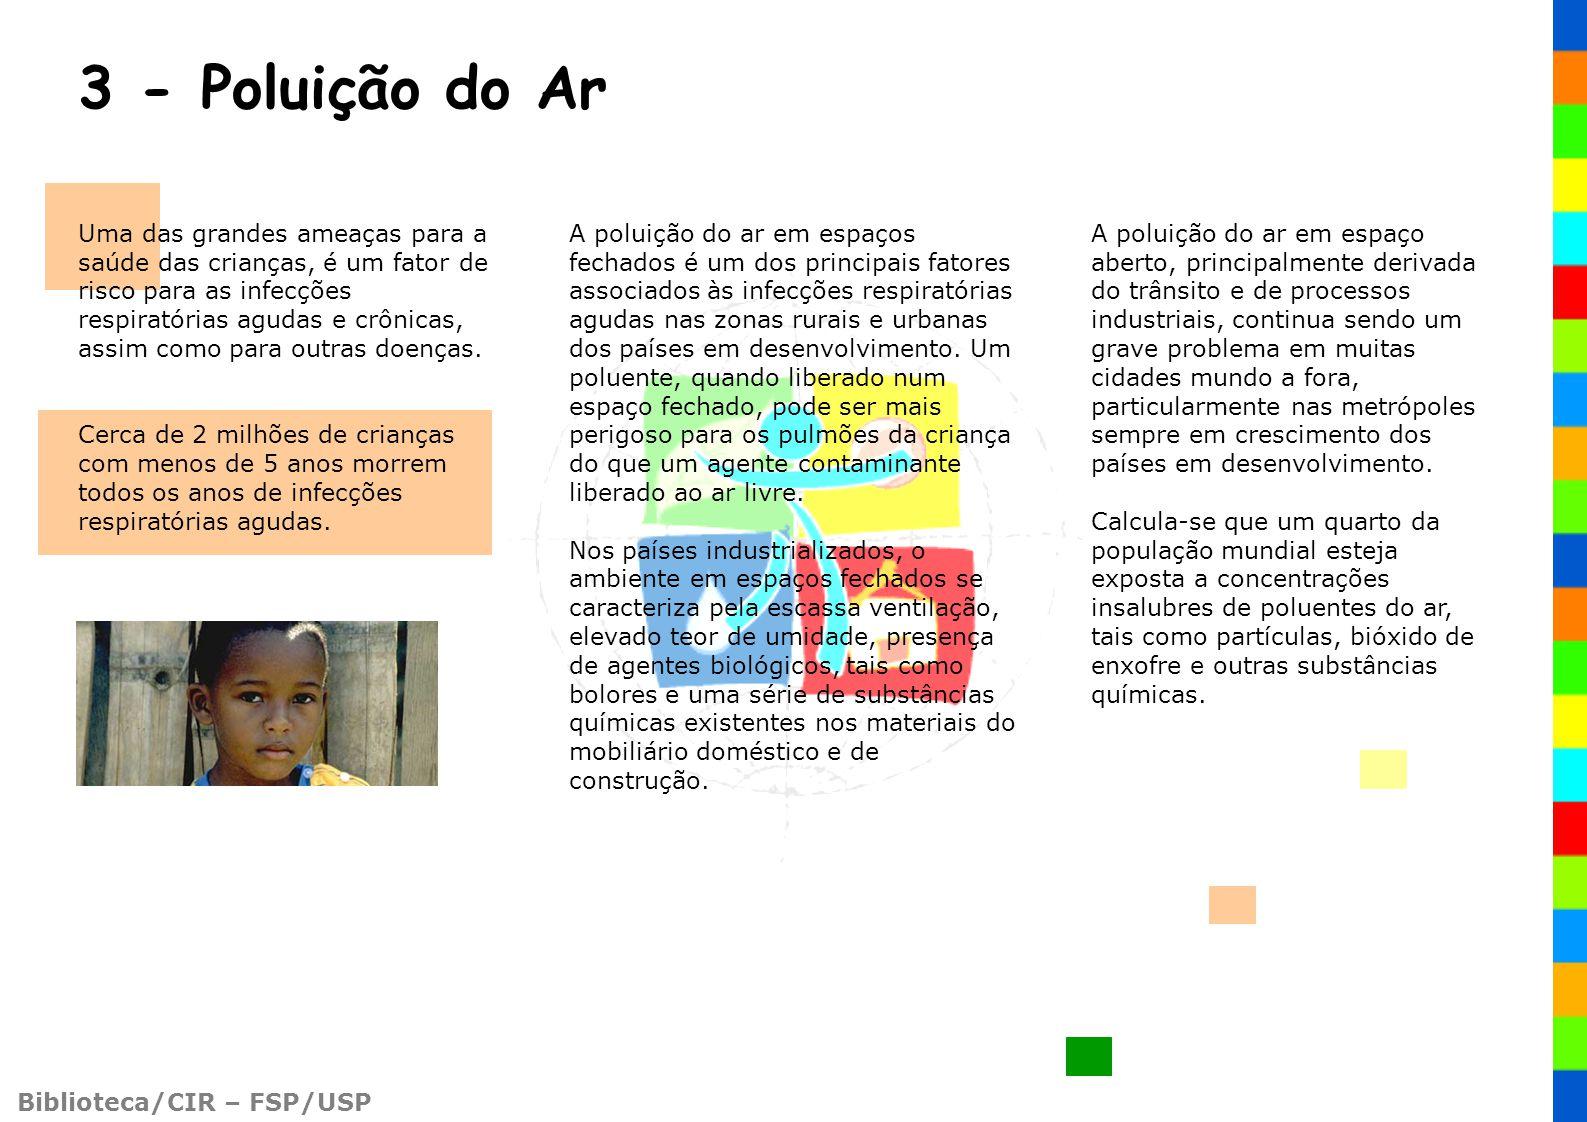 Biblioteca/CIR – FSP/USP 3 - Poluição do Ar Uma das grandes ameaças para a saúde das crianças, é um fator de risco para as infecções respiratórias agu